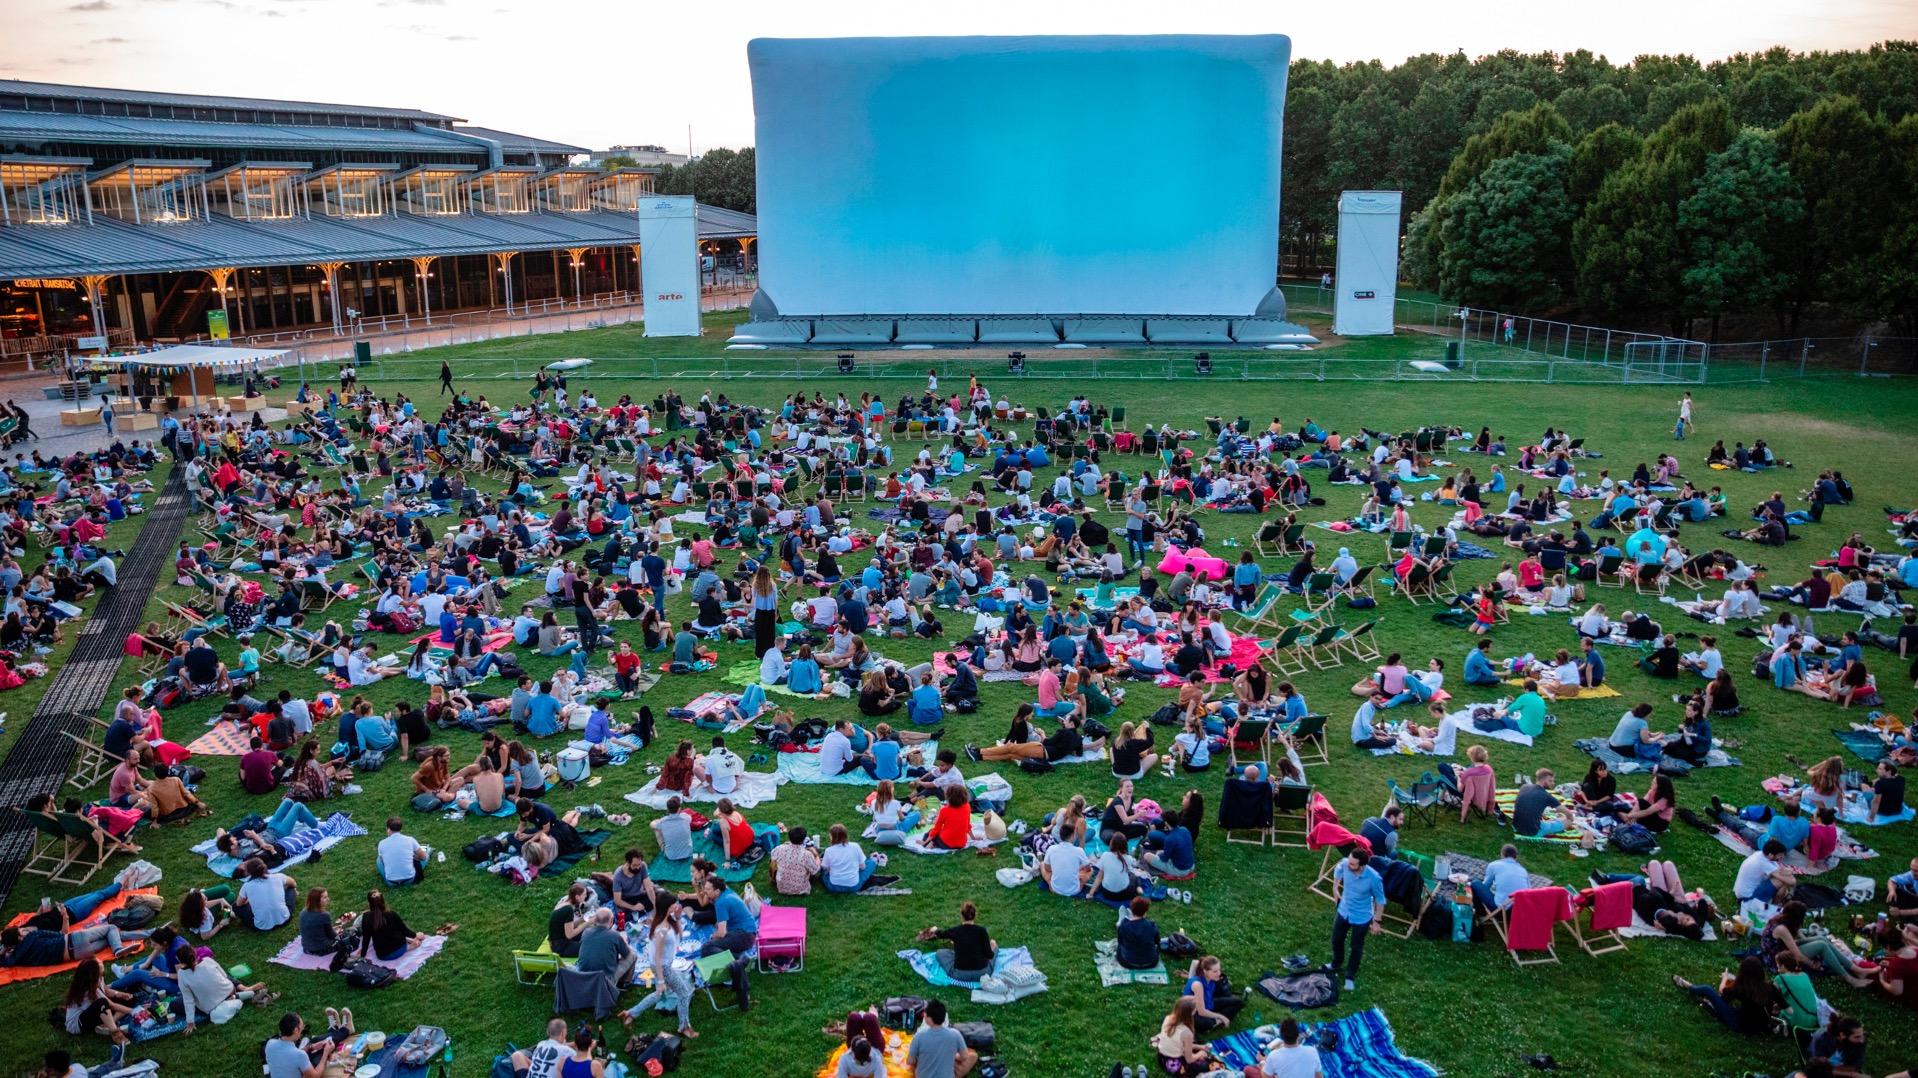 Le festival de cinéma en plein air de la Villette aura bien lieu